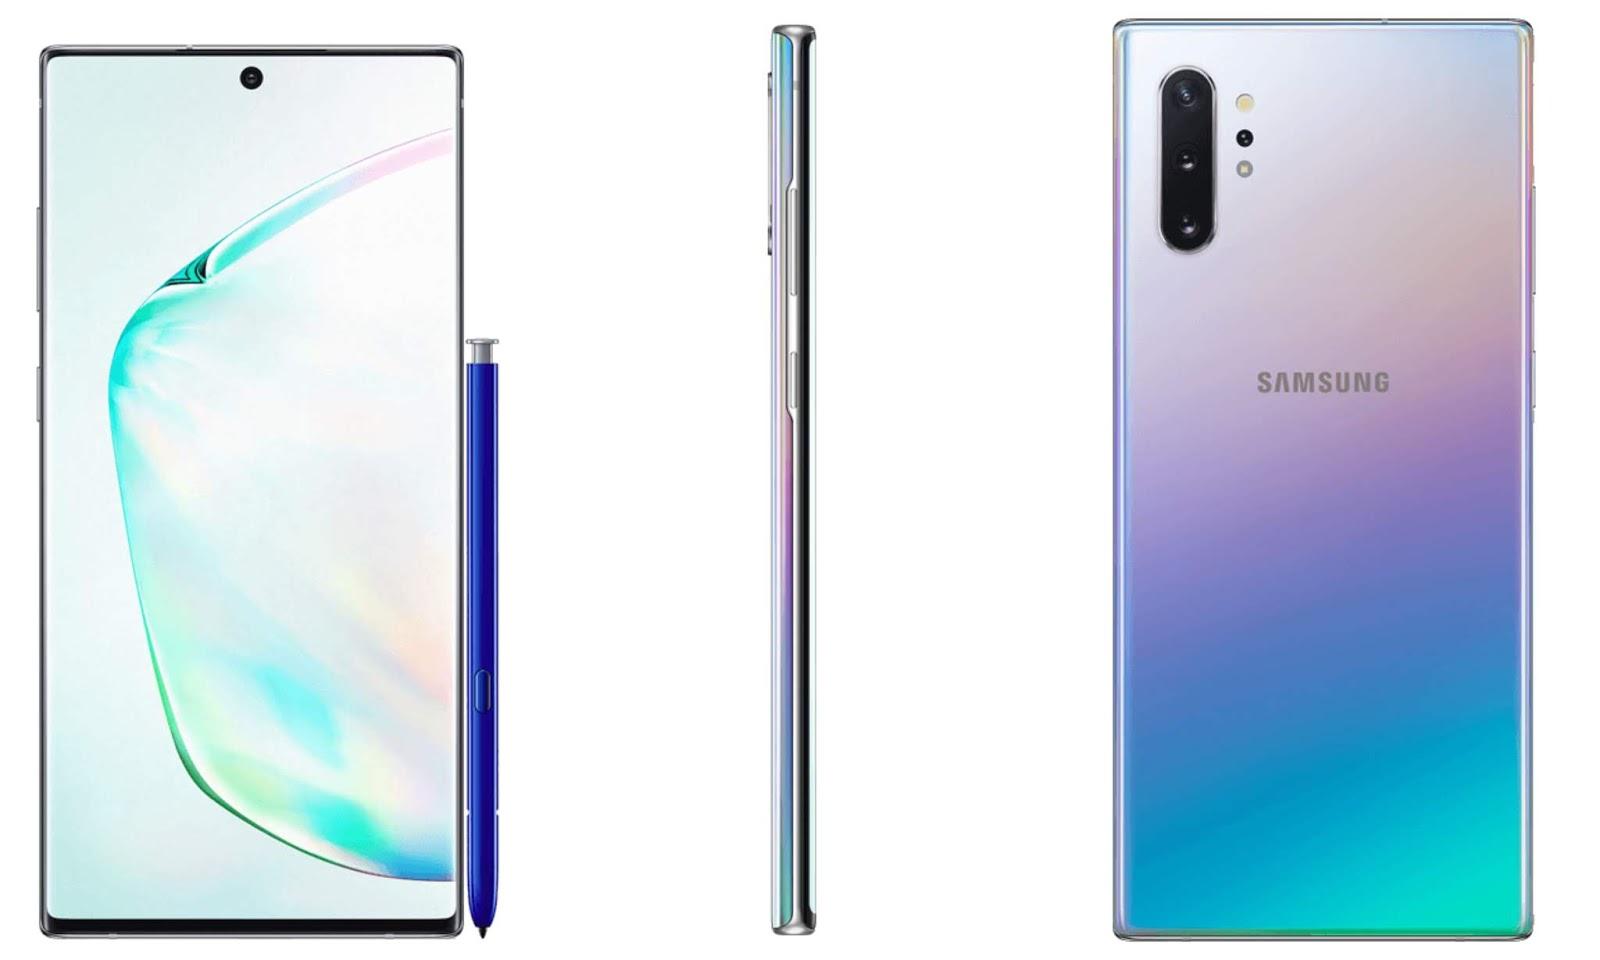 تقرير جديد يقترح 23 أغسطس كموعد لإطلاق الهاتف Galaxy Note 10 في كوريا الجنوبية